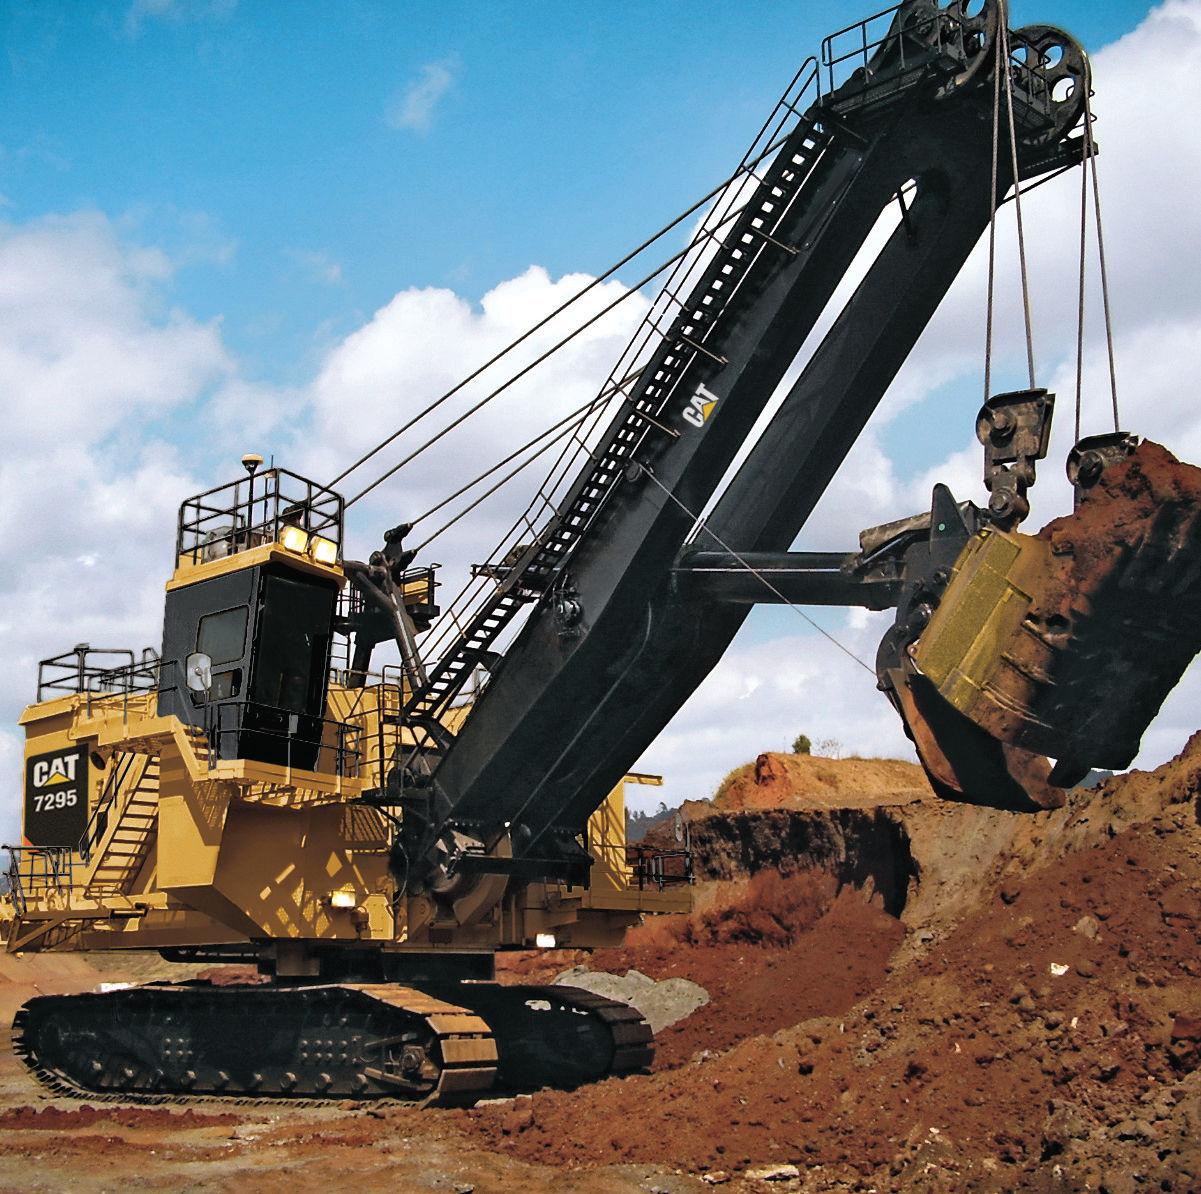 escavatori - Pagina 4 Escavatori-elettrici-fune-55229-2904389